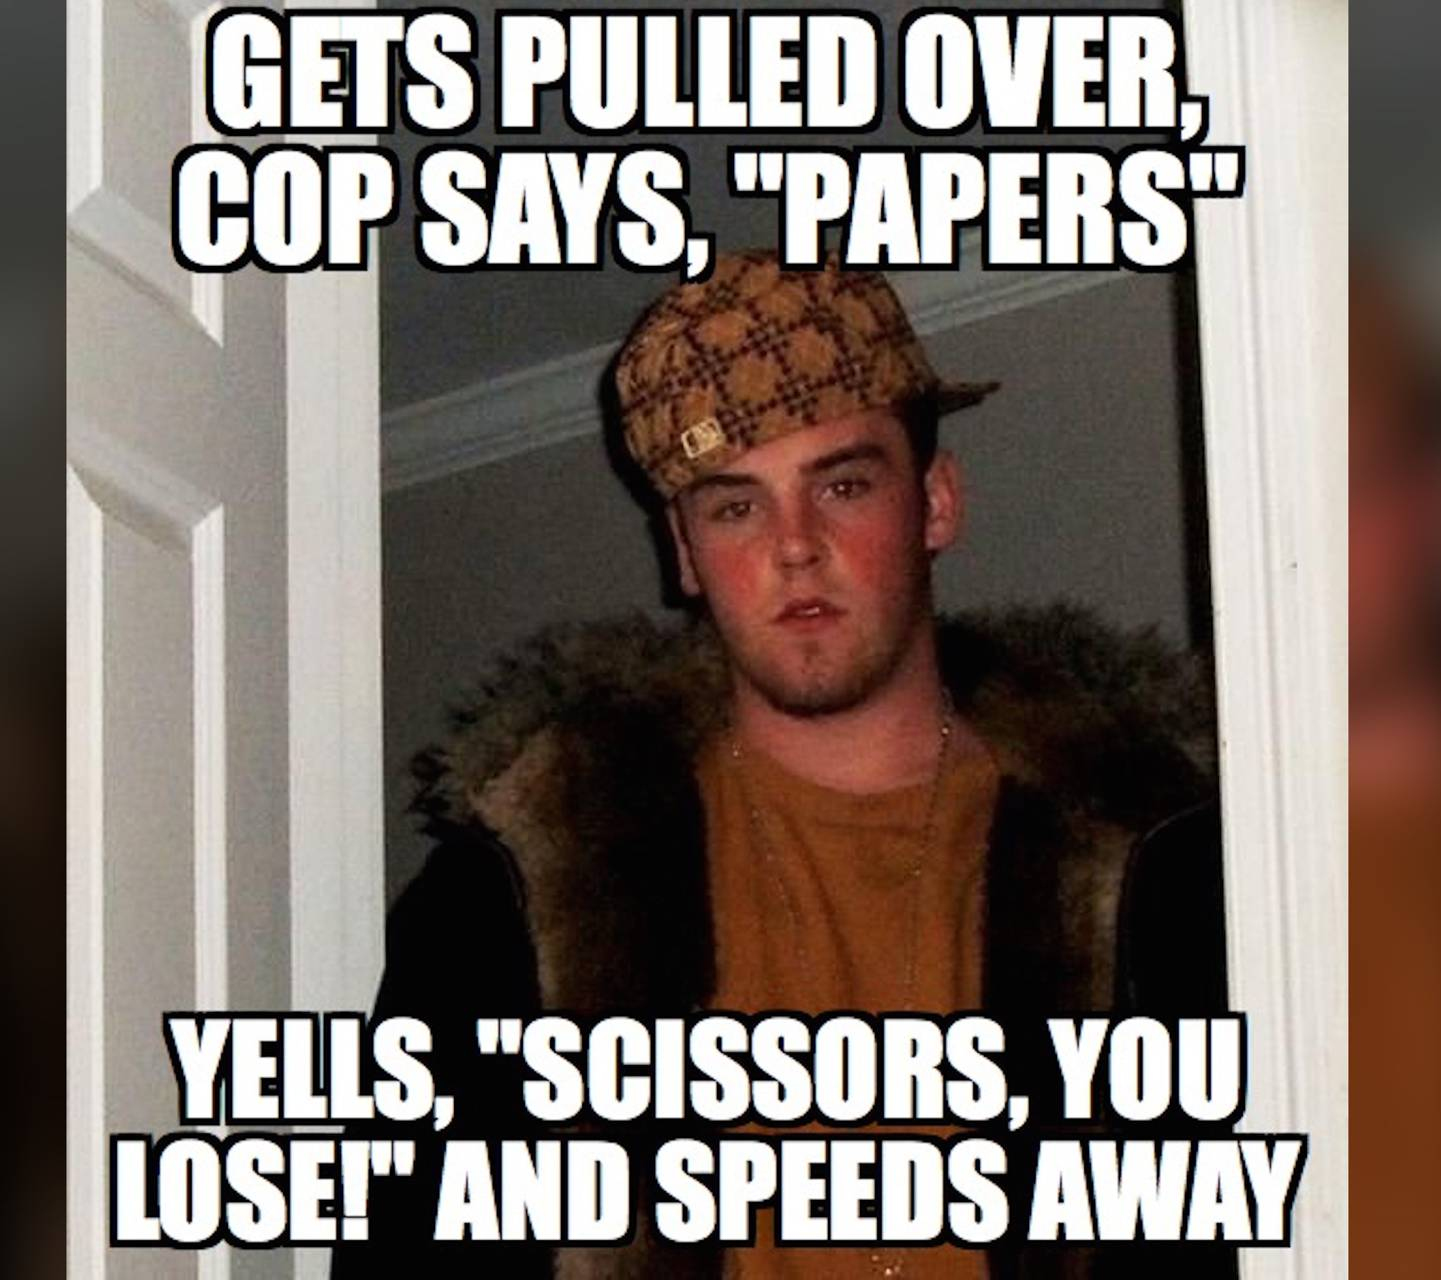 Scumbag Scissors